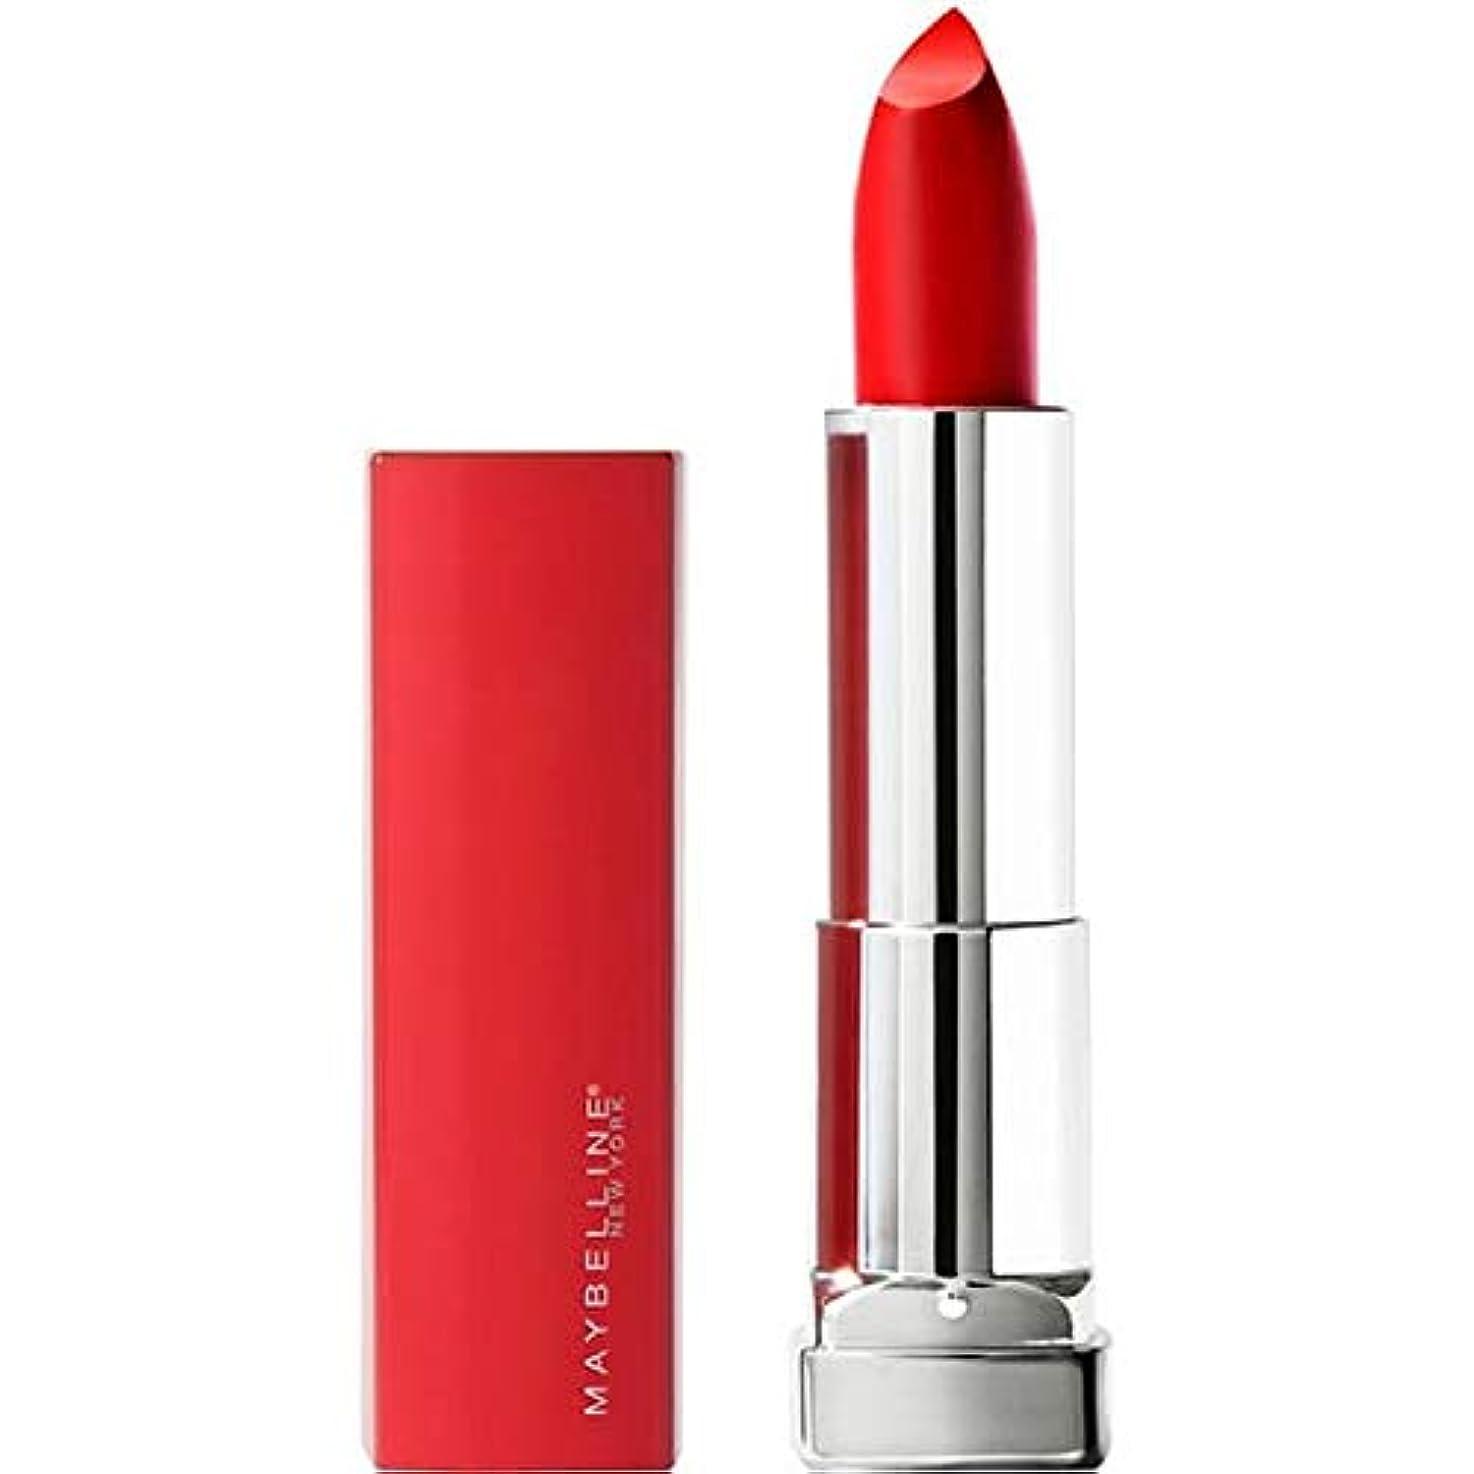 ビットシャットはしご[Maybelline ] メイベリンの色はセンセーショナルな私のためにすべての382の赤のために作られました - Maybelline Color Sensational Made For All 382 Red For...